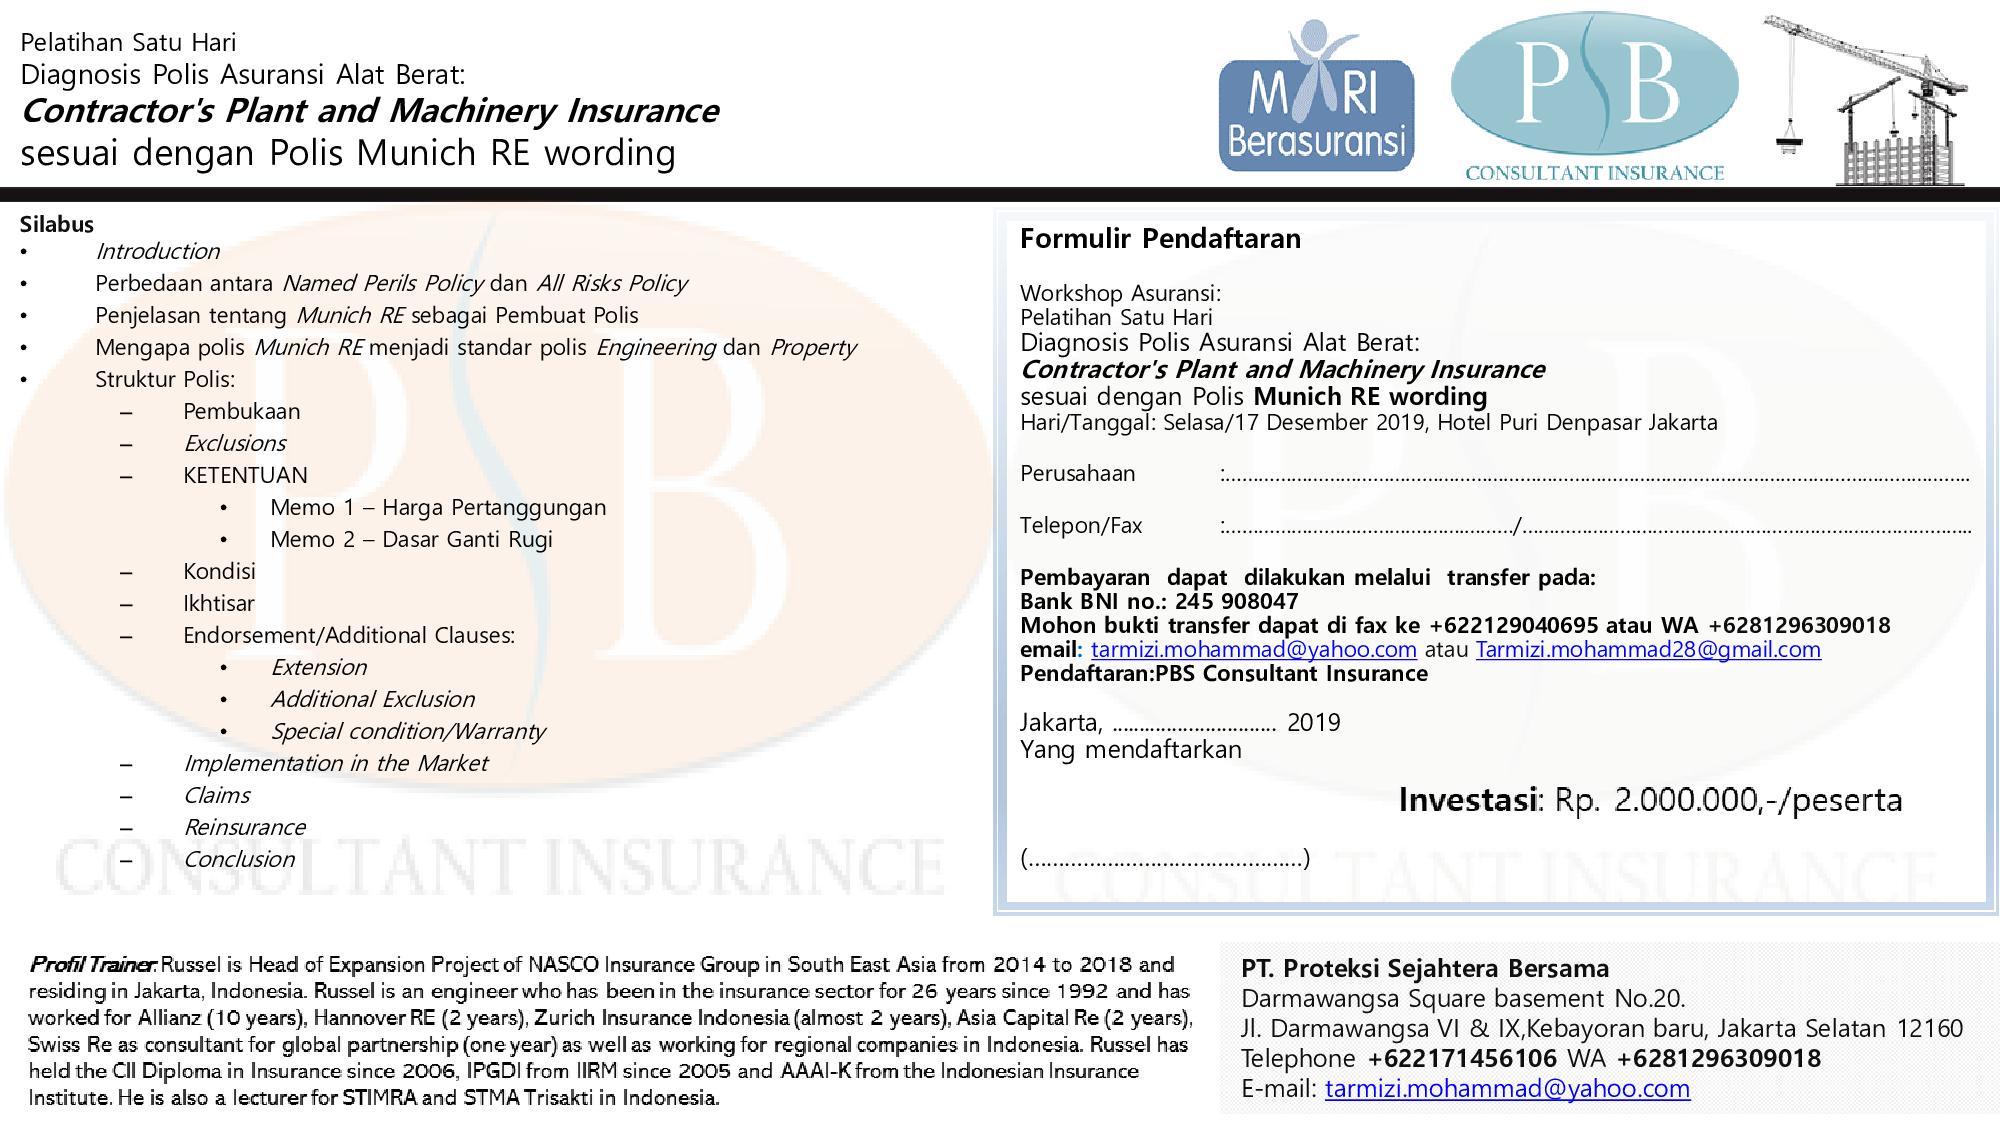 brosur-pelatihan-asuransi-cpm-pbs-17-12-2019-1